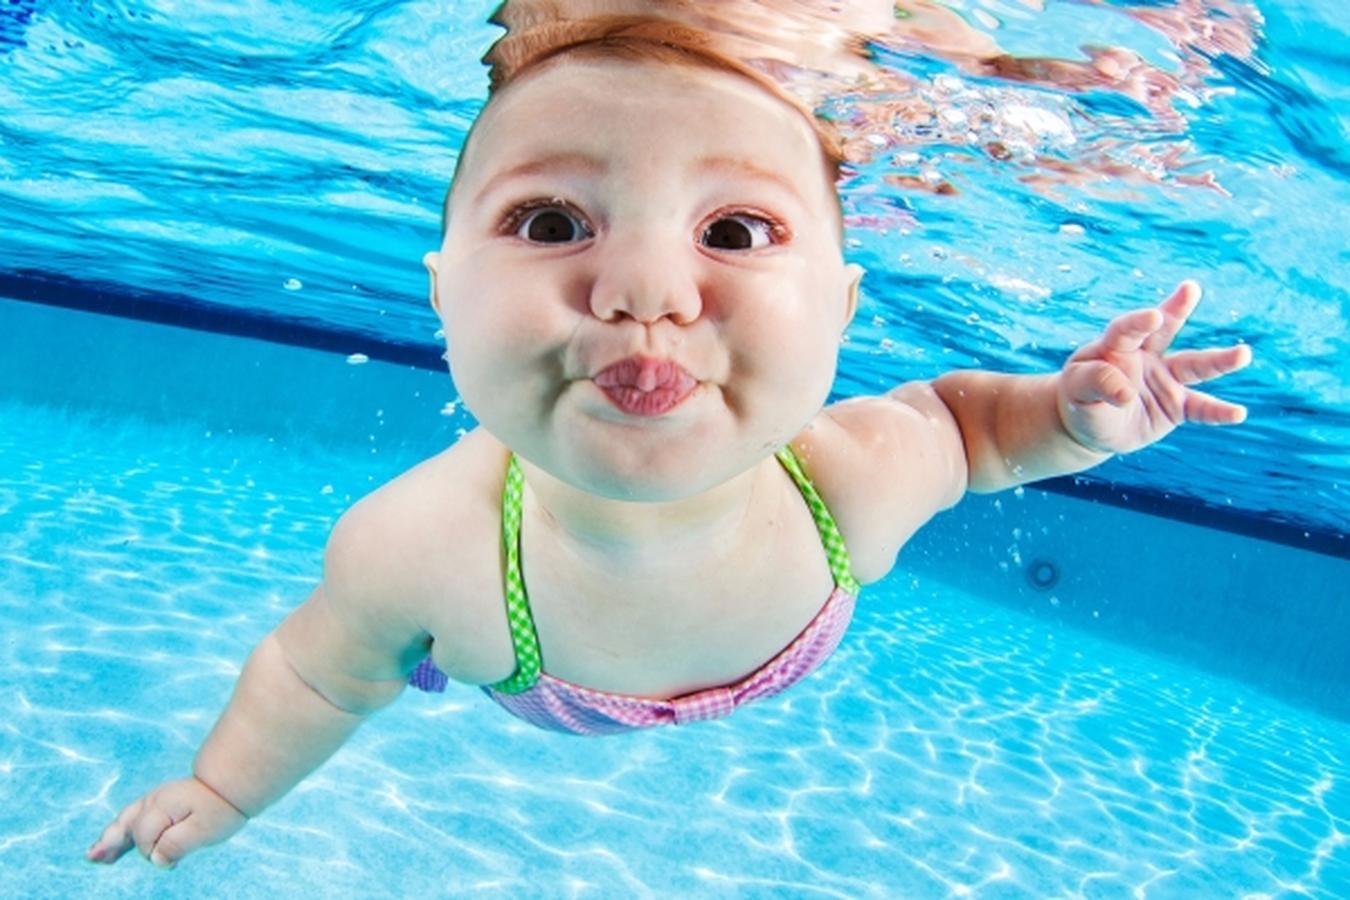 Không nên cho trẻ đi bơi trong thời gian bị bệnh